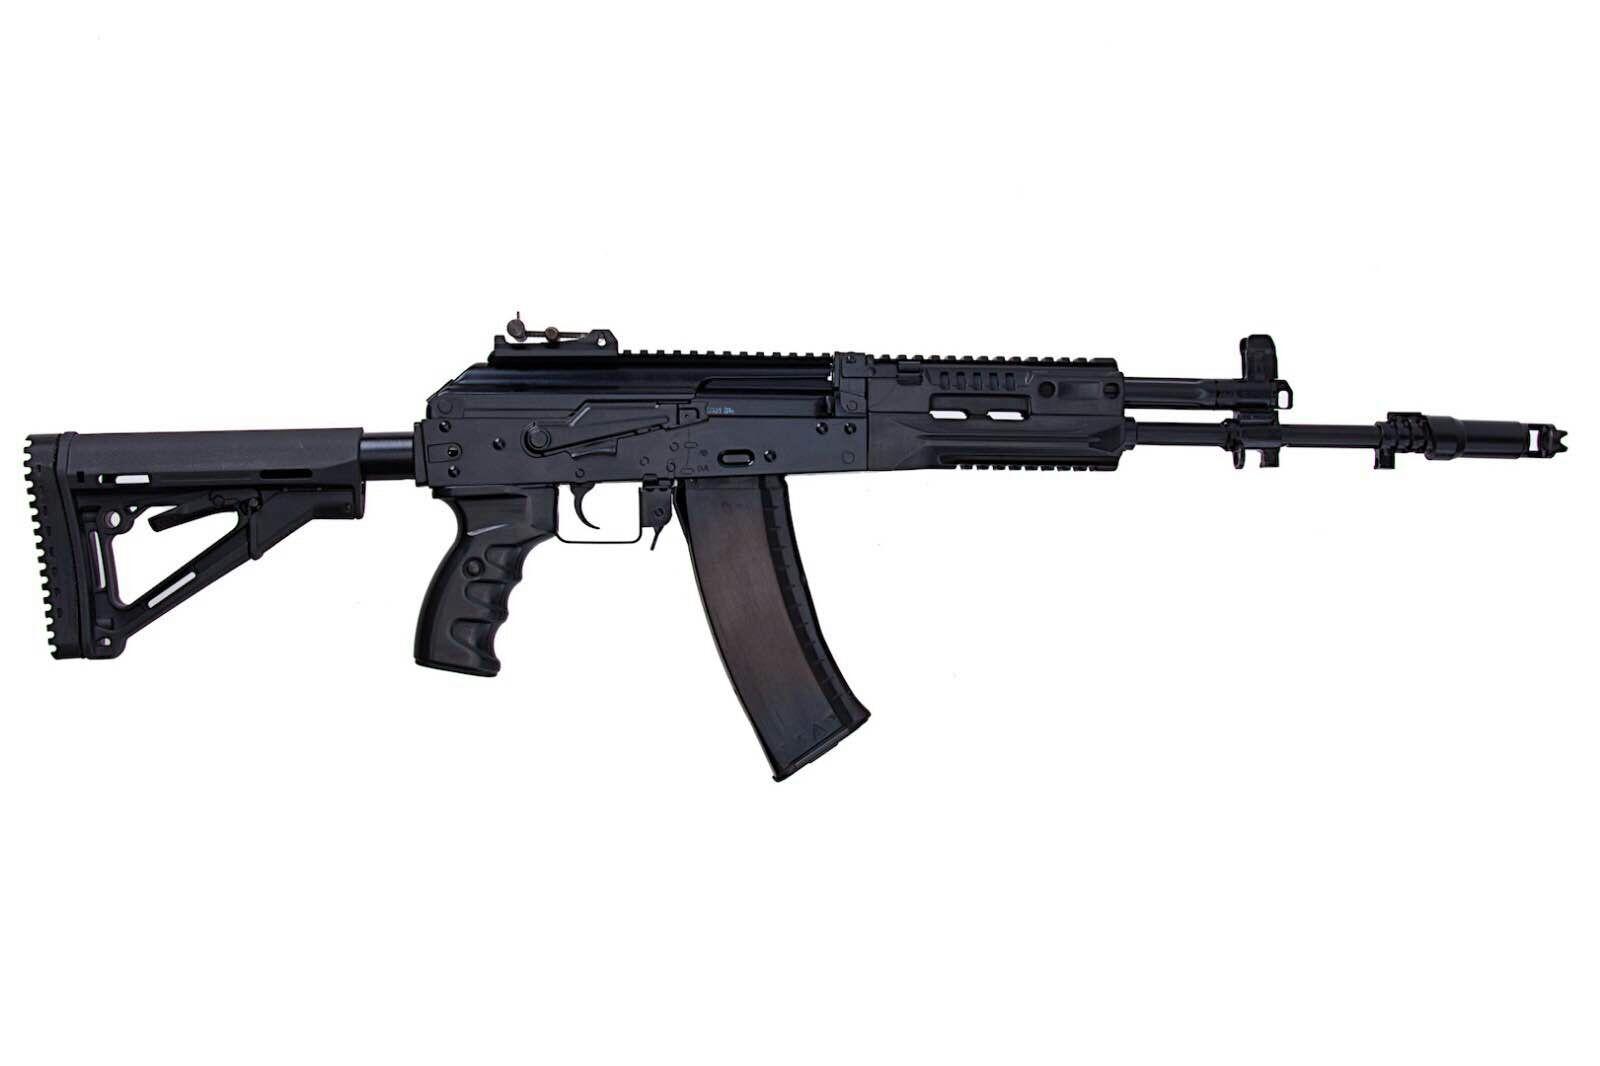 NPO AEG AK-12(2016Ver.) AEG